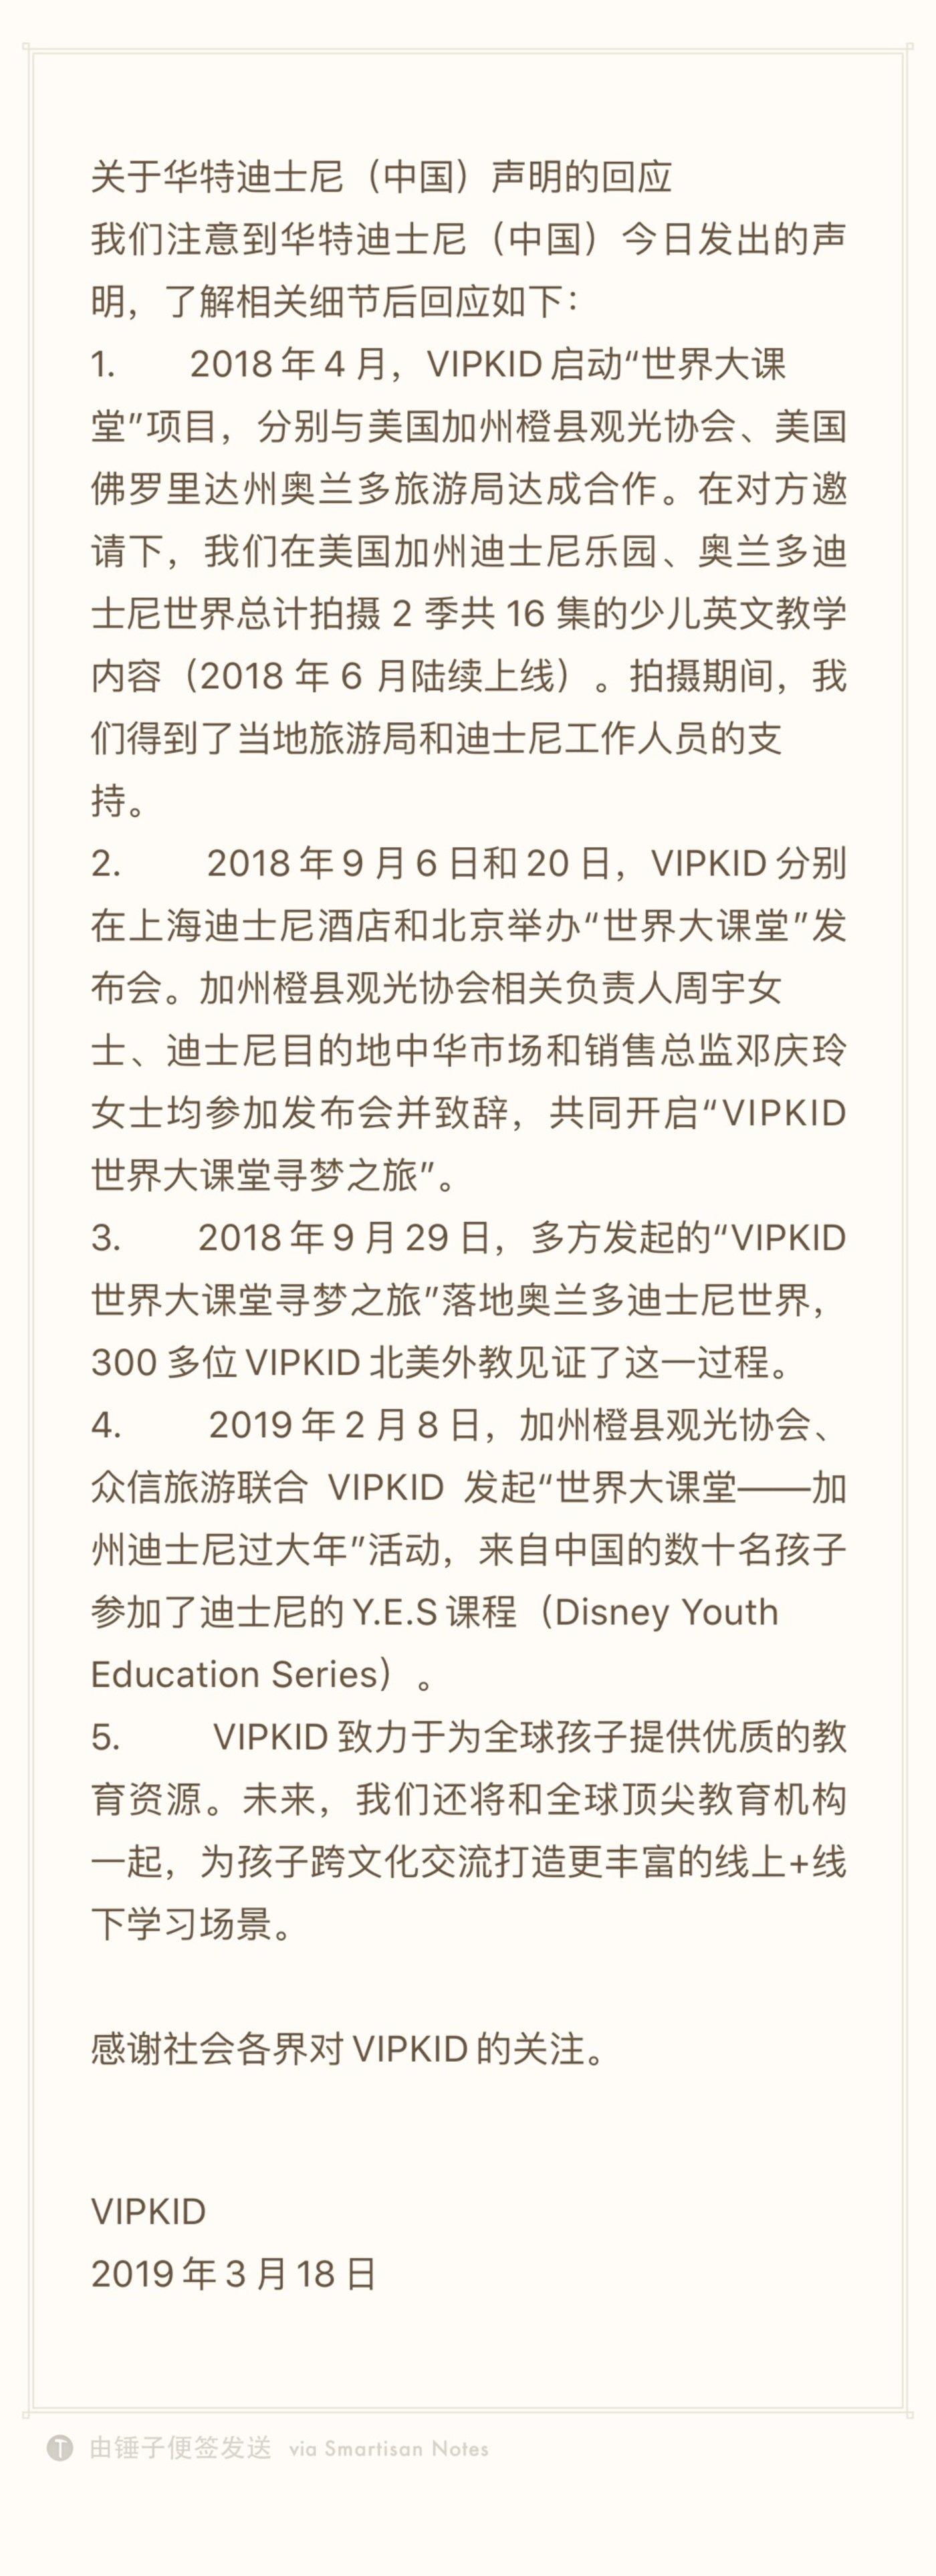 VIPKID随后回应声明